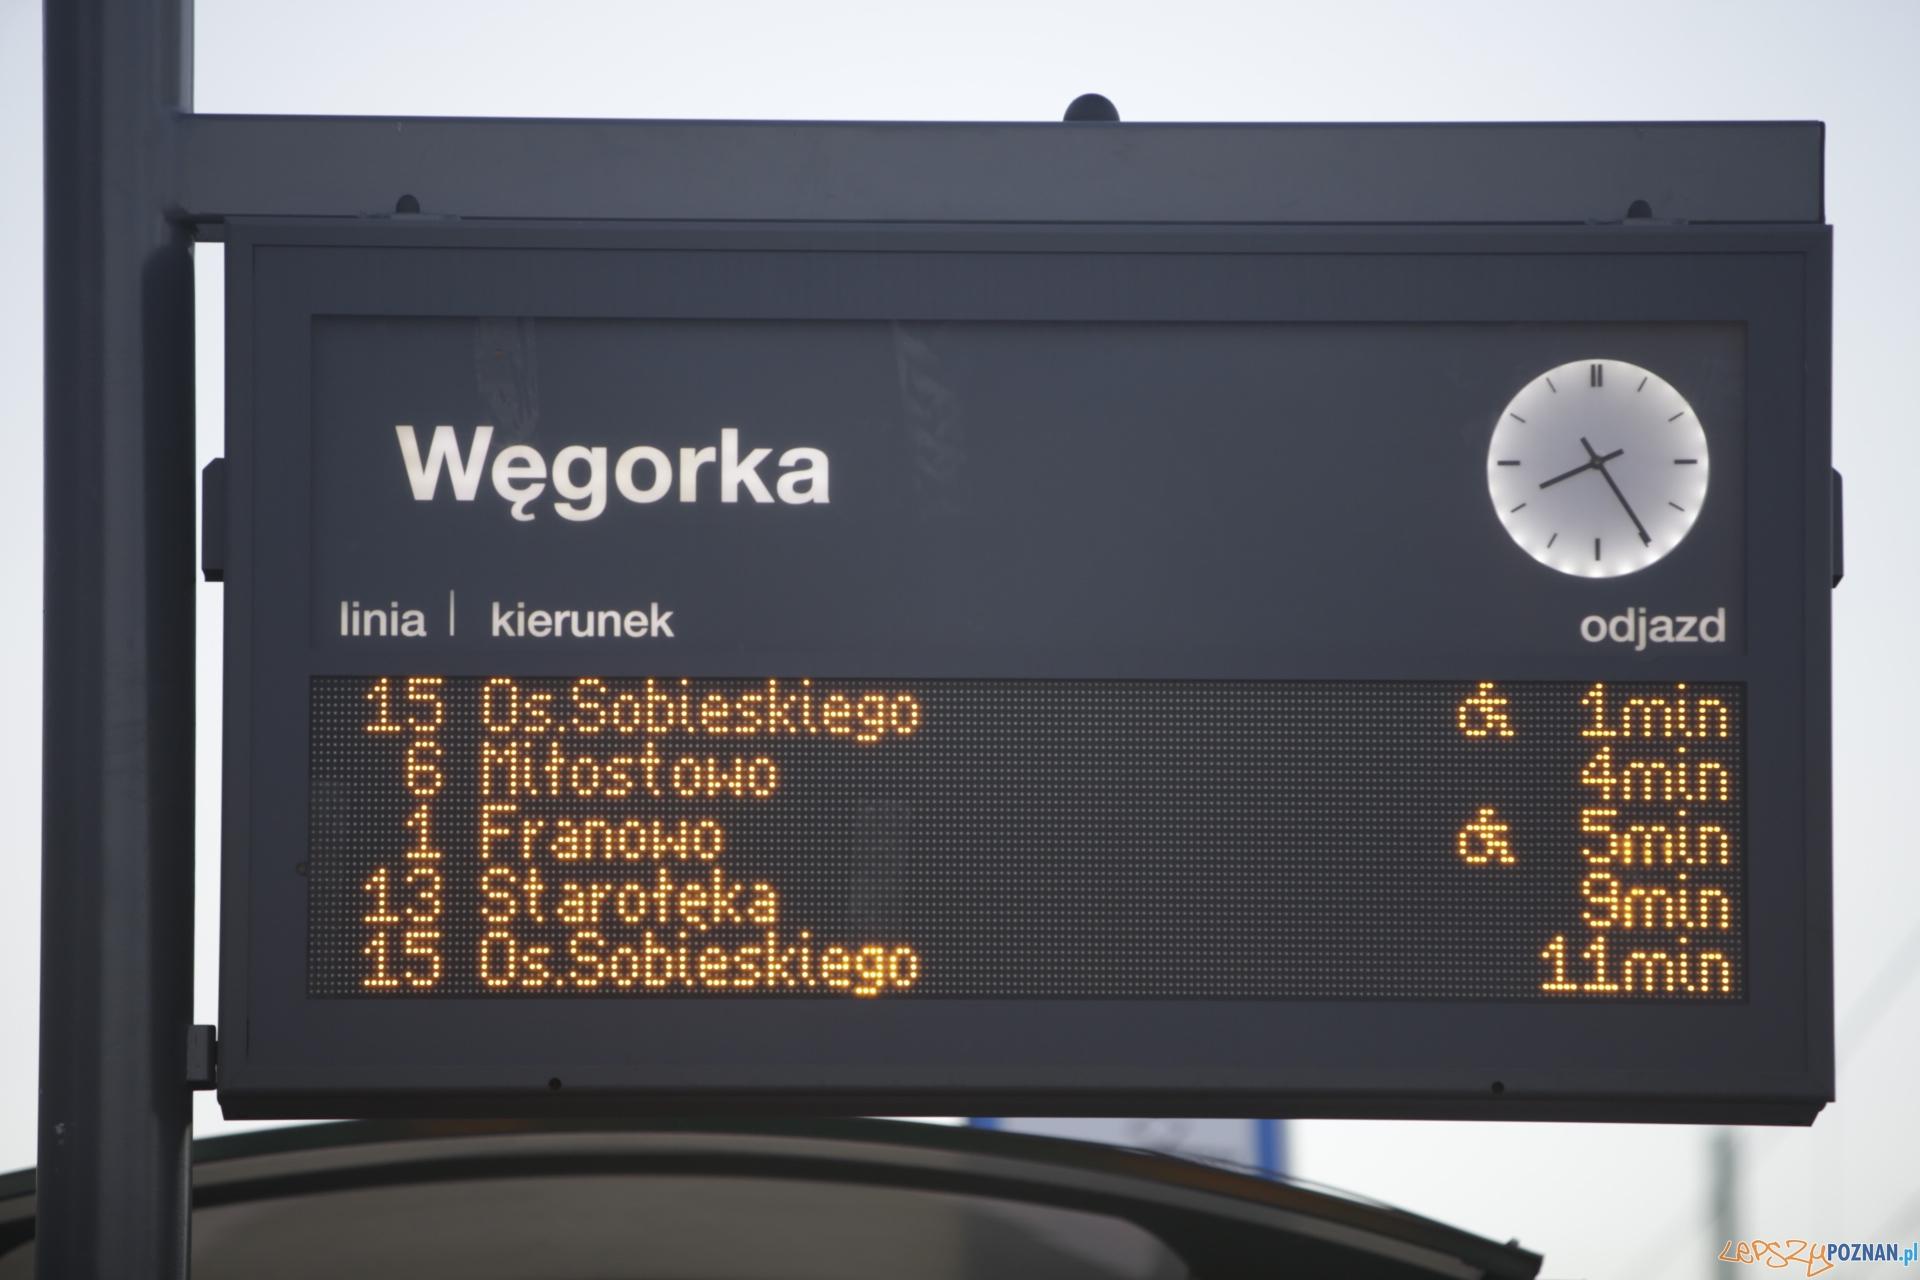 Tablica ITS Węgorka  Foto: lepszyPOZNAN.pl / Piotr Rychter